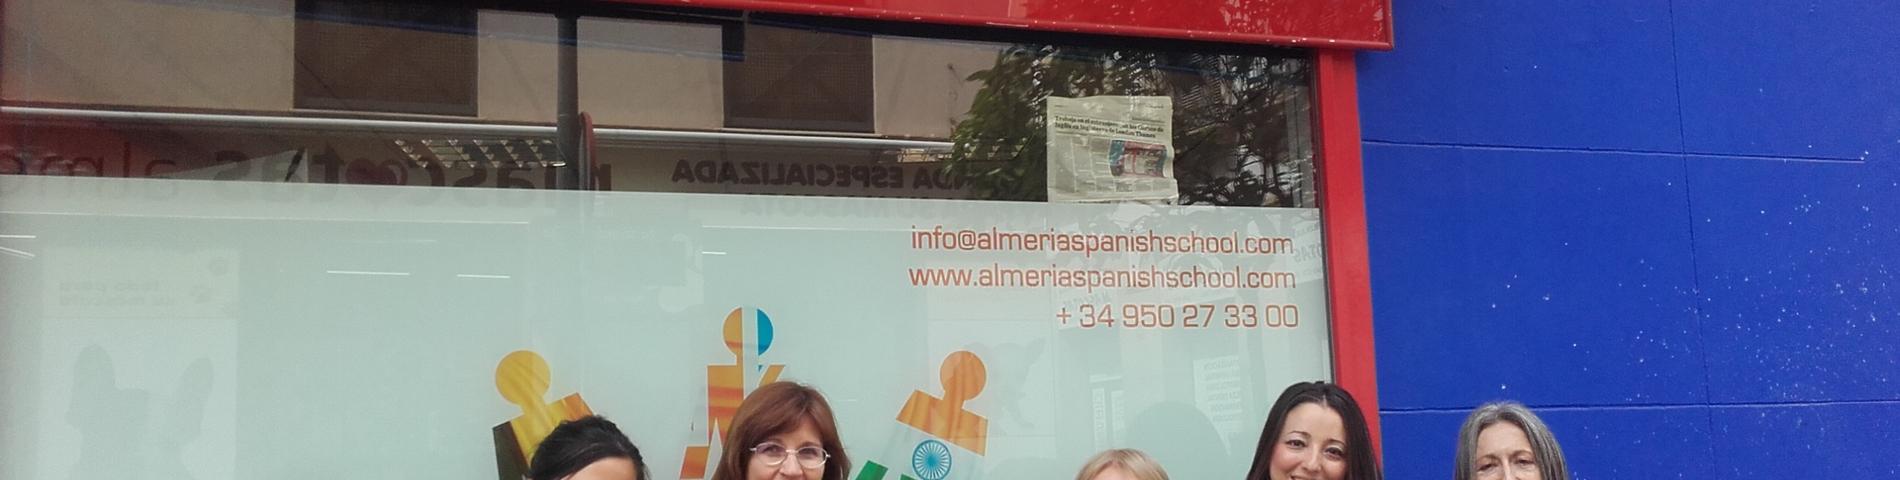 Almeria Spanish School / London Thames зображення 1